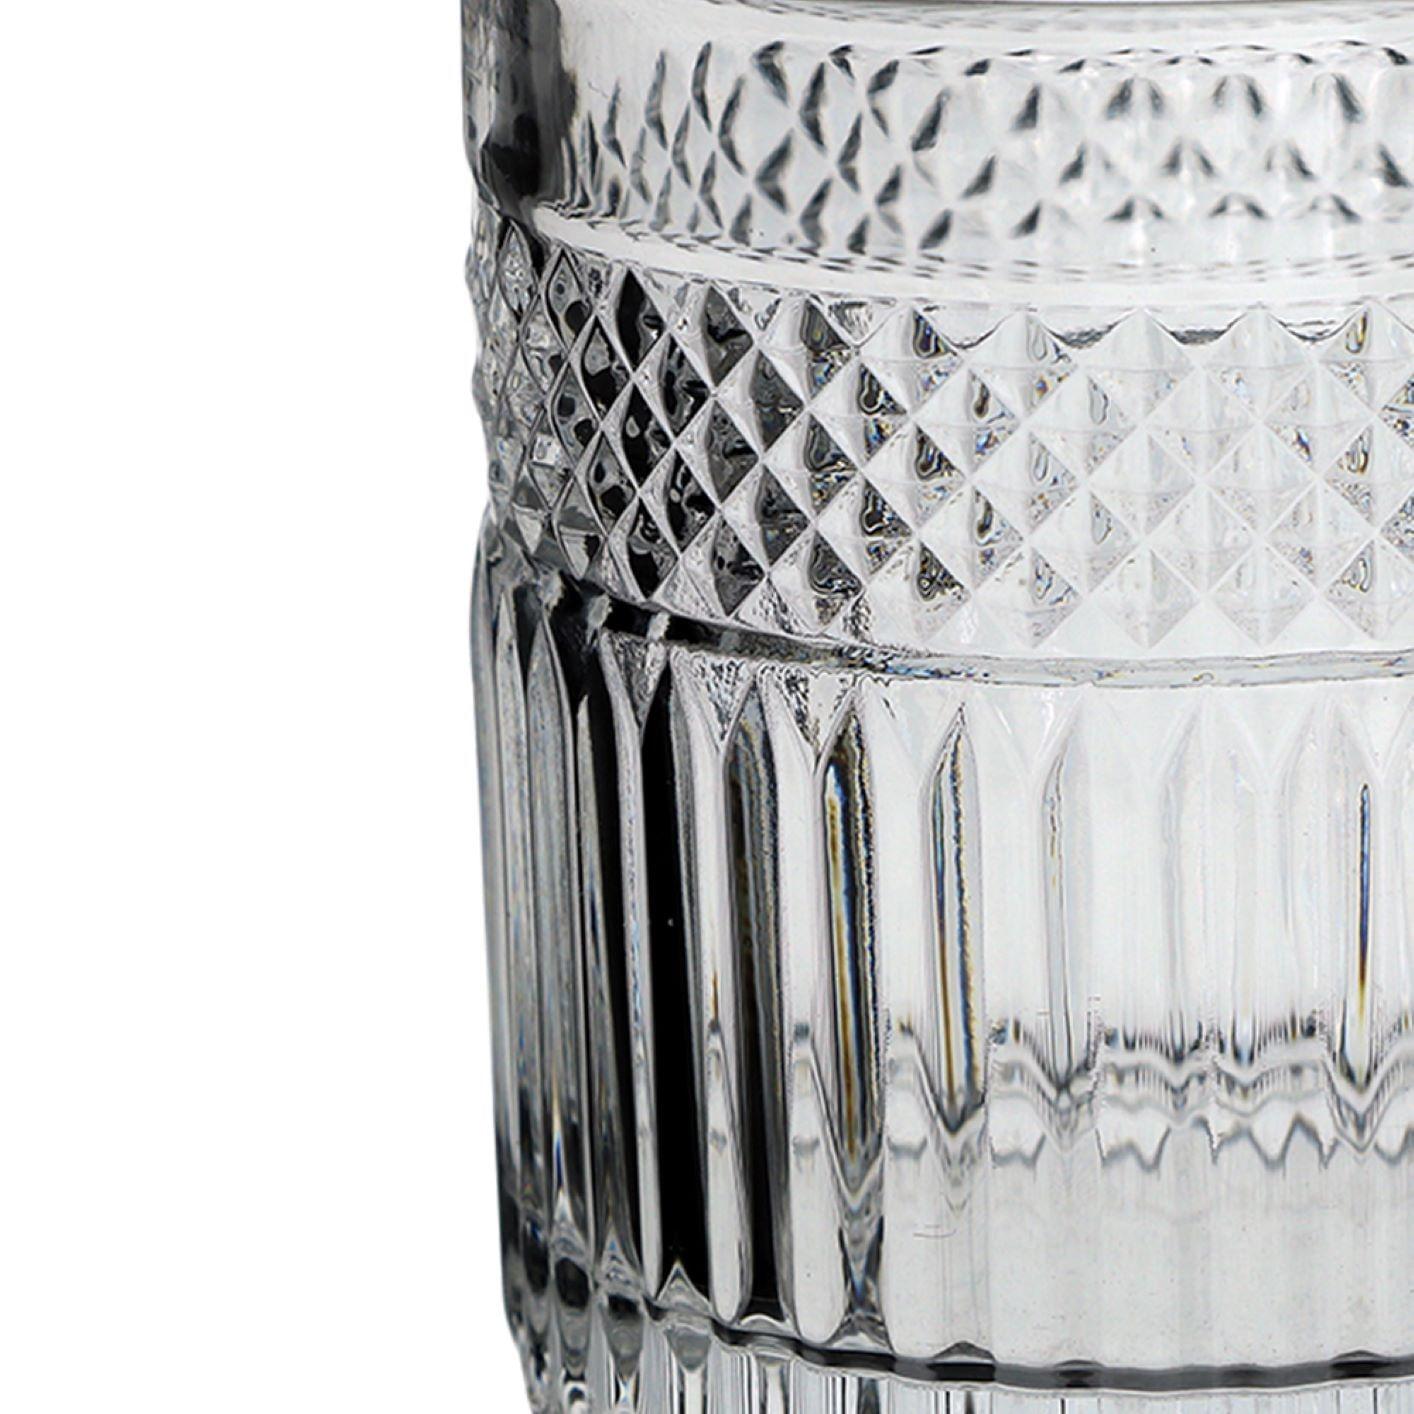 Jogo 6 Copos Baixos Vidro Lapidado - Para Água / Suco 320ml